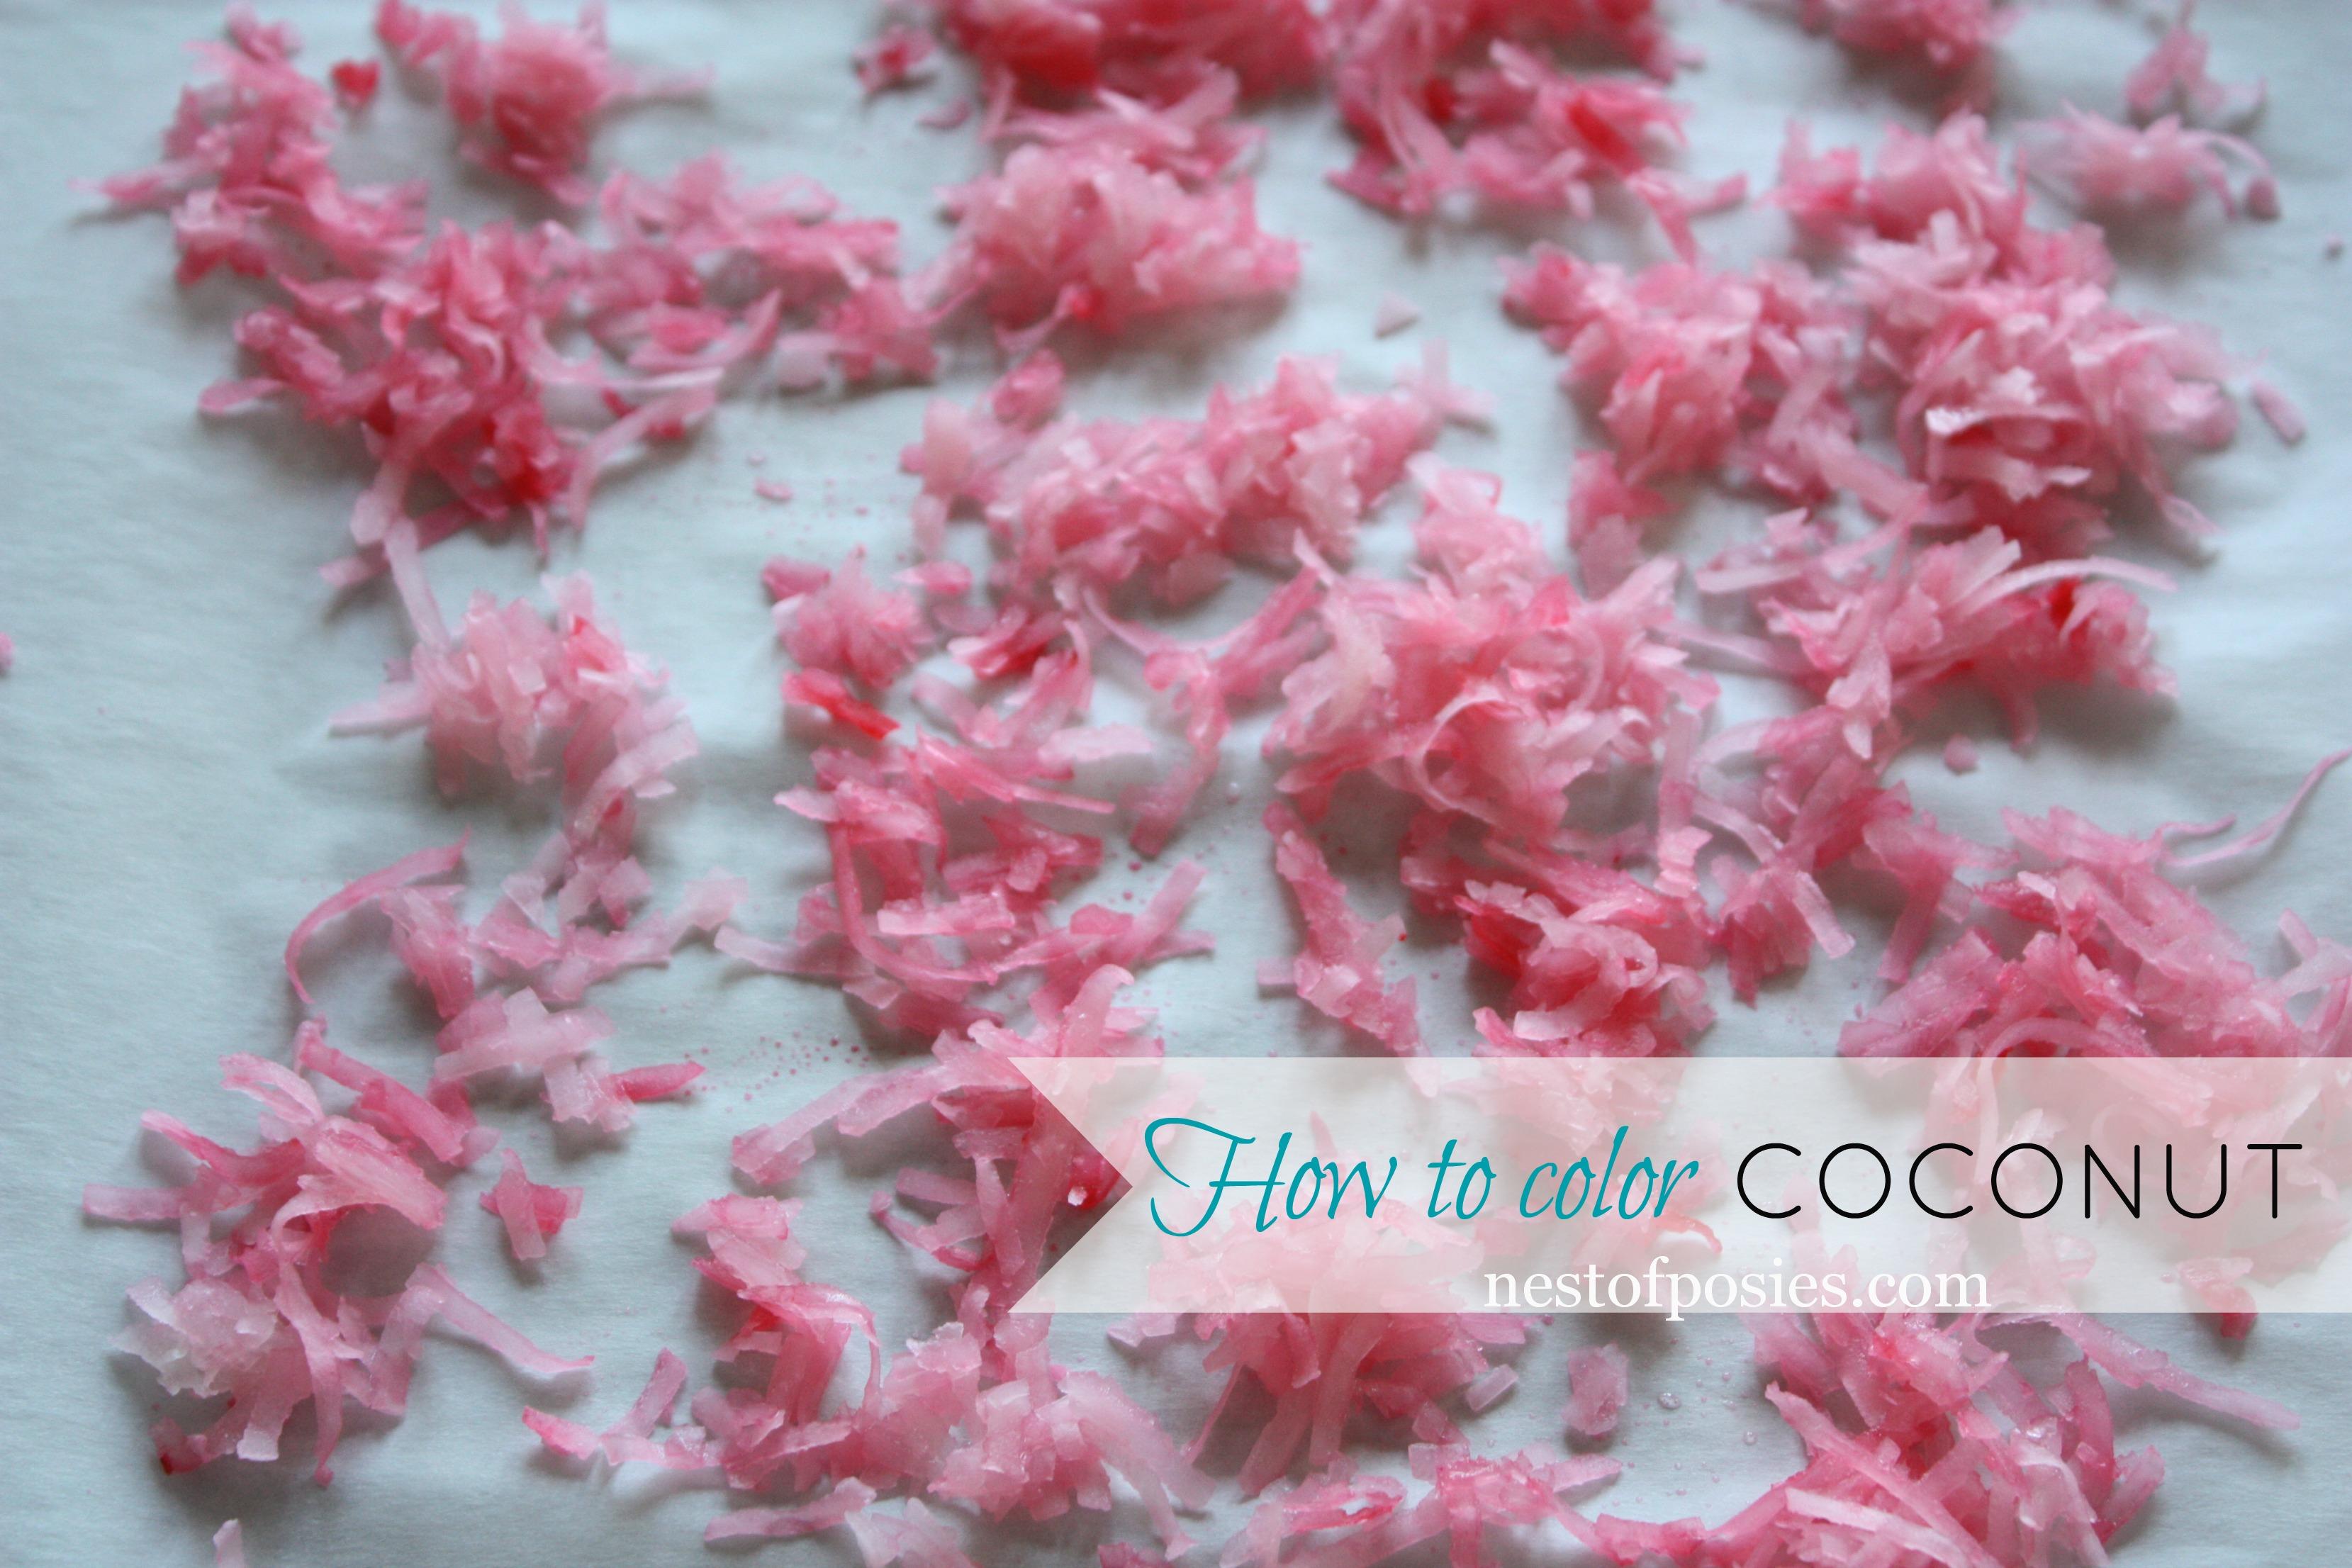 How to color Coconut via @NestofPosies